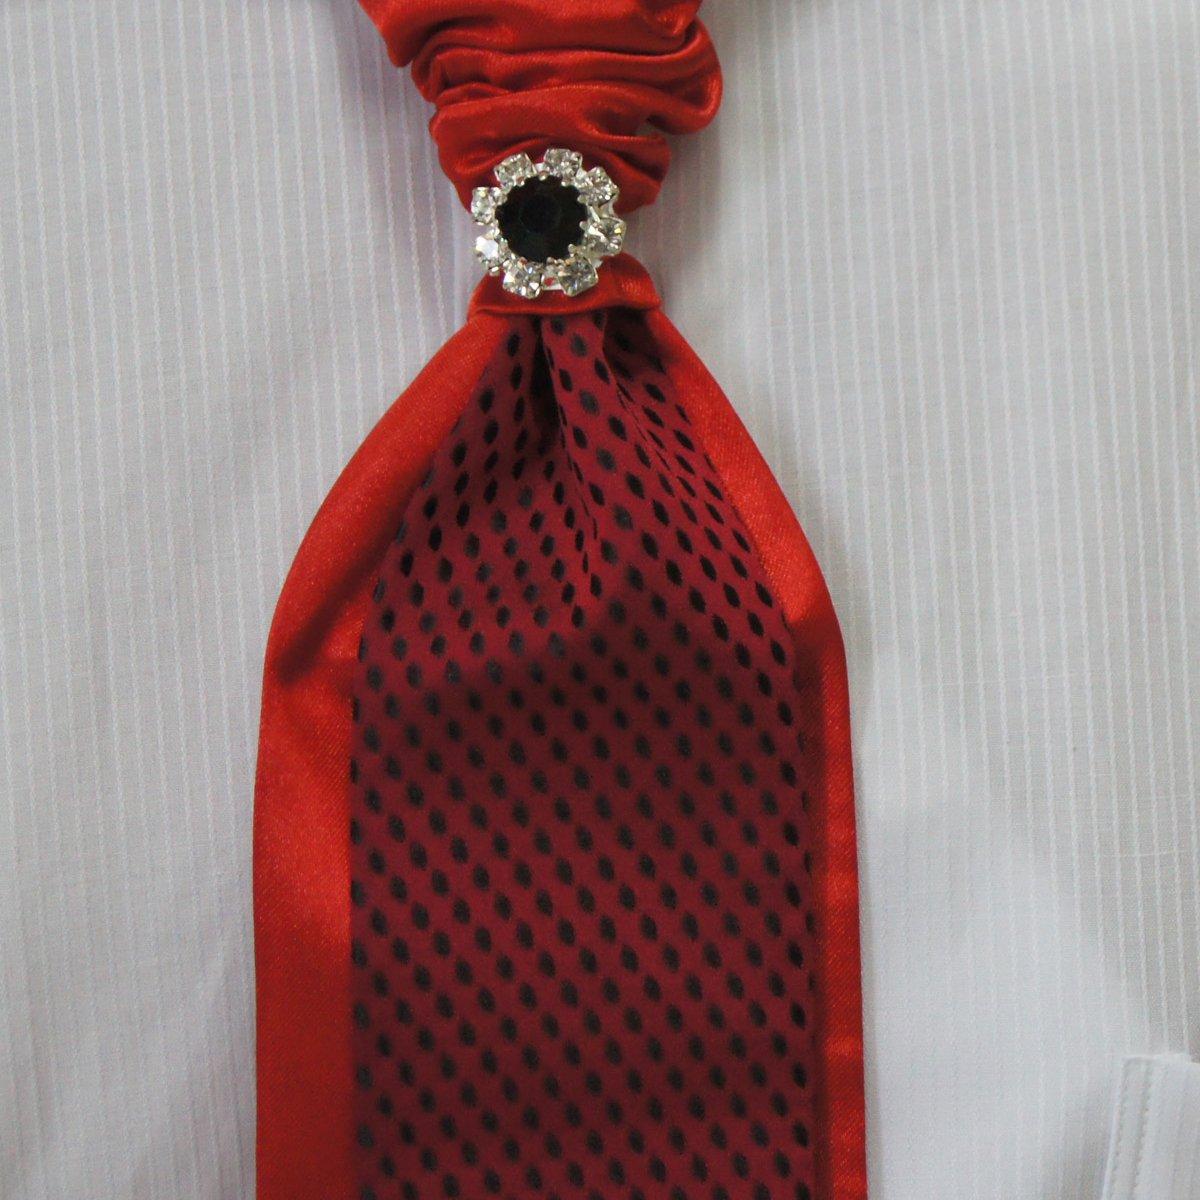 kravata #166 - muske kravate cene, kravata za vencanje, svadbu, svadba, mladozenja, mladozenje